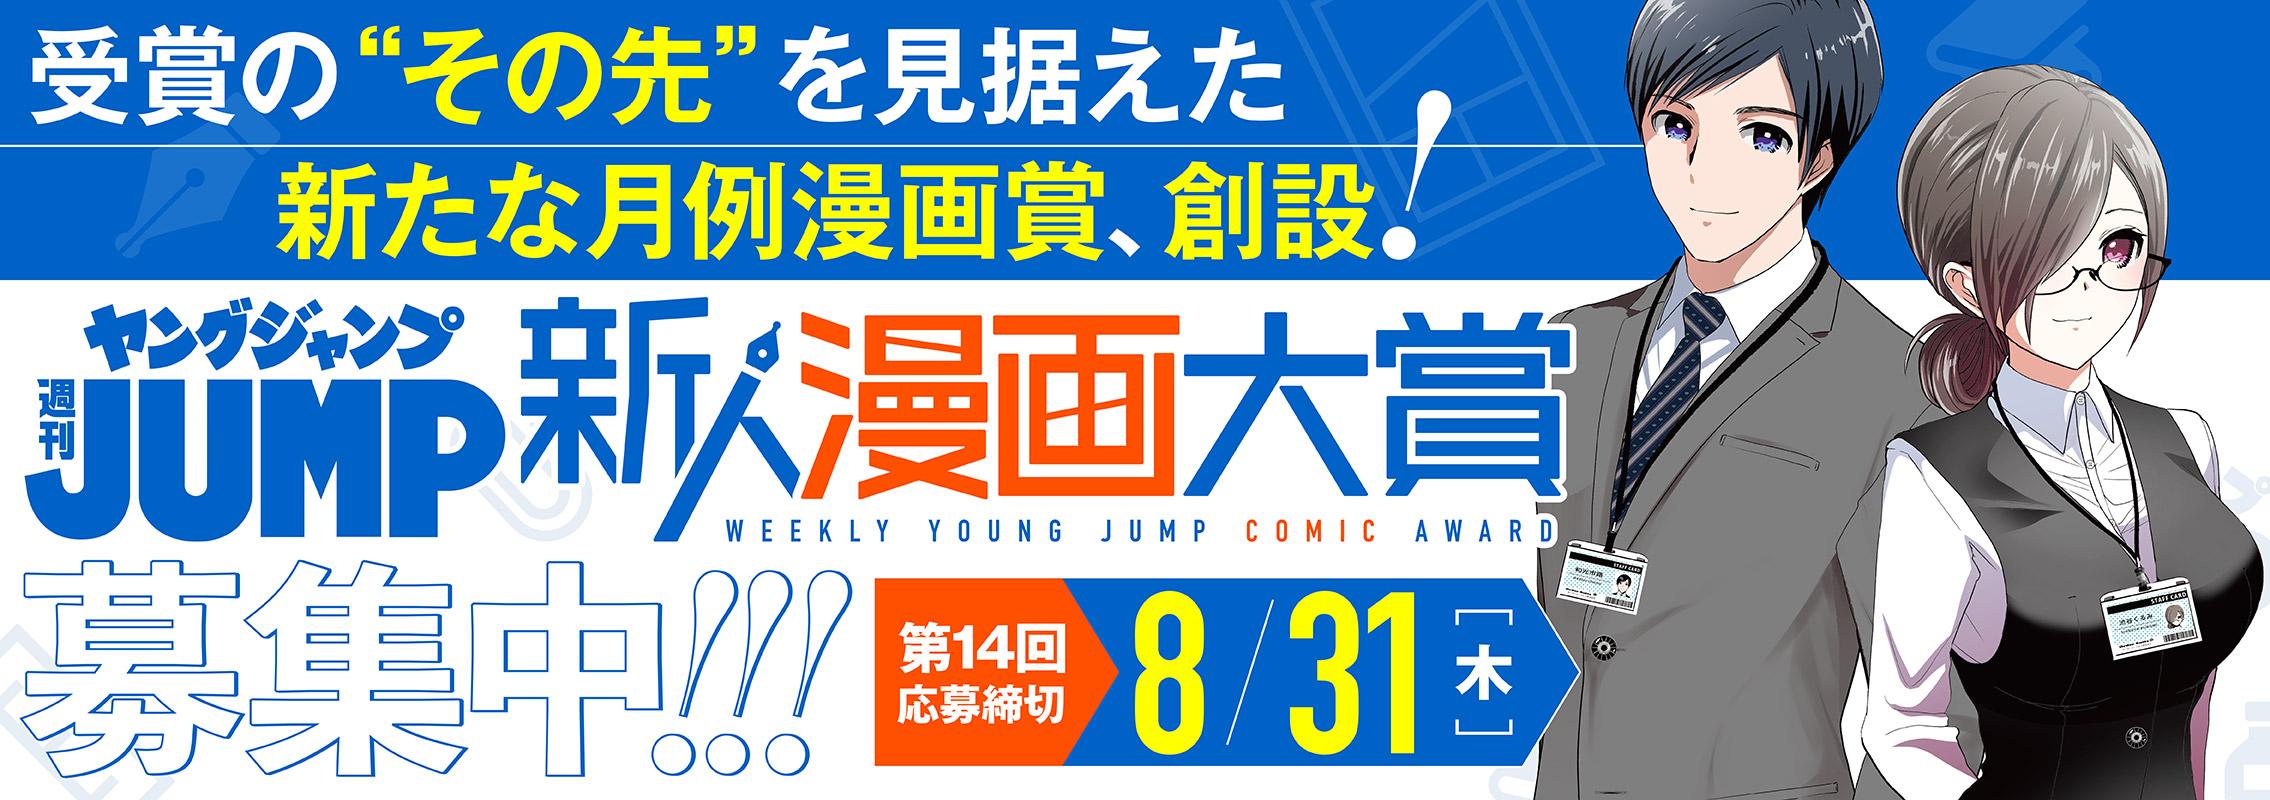 週間ヤングジャンプ月例新人漫画賞 シンマン賞募集中